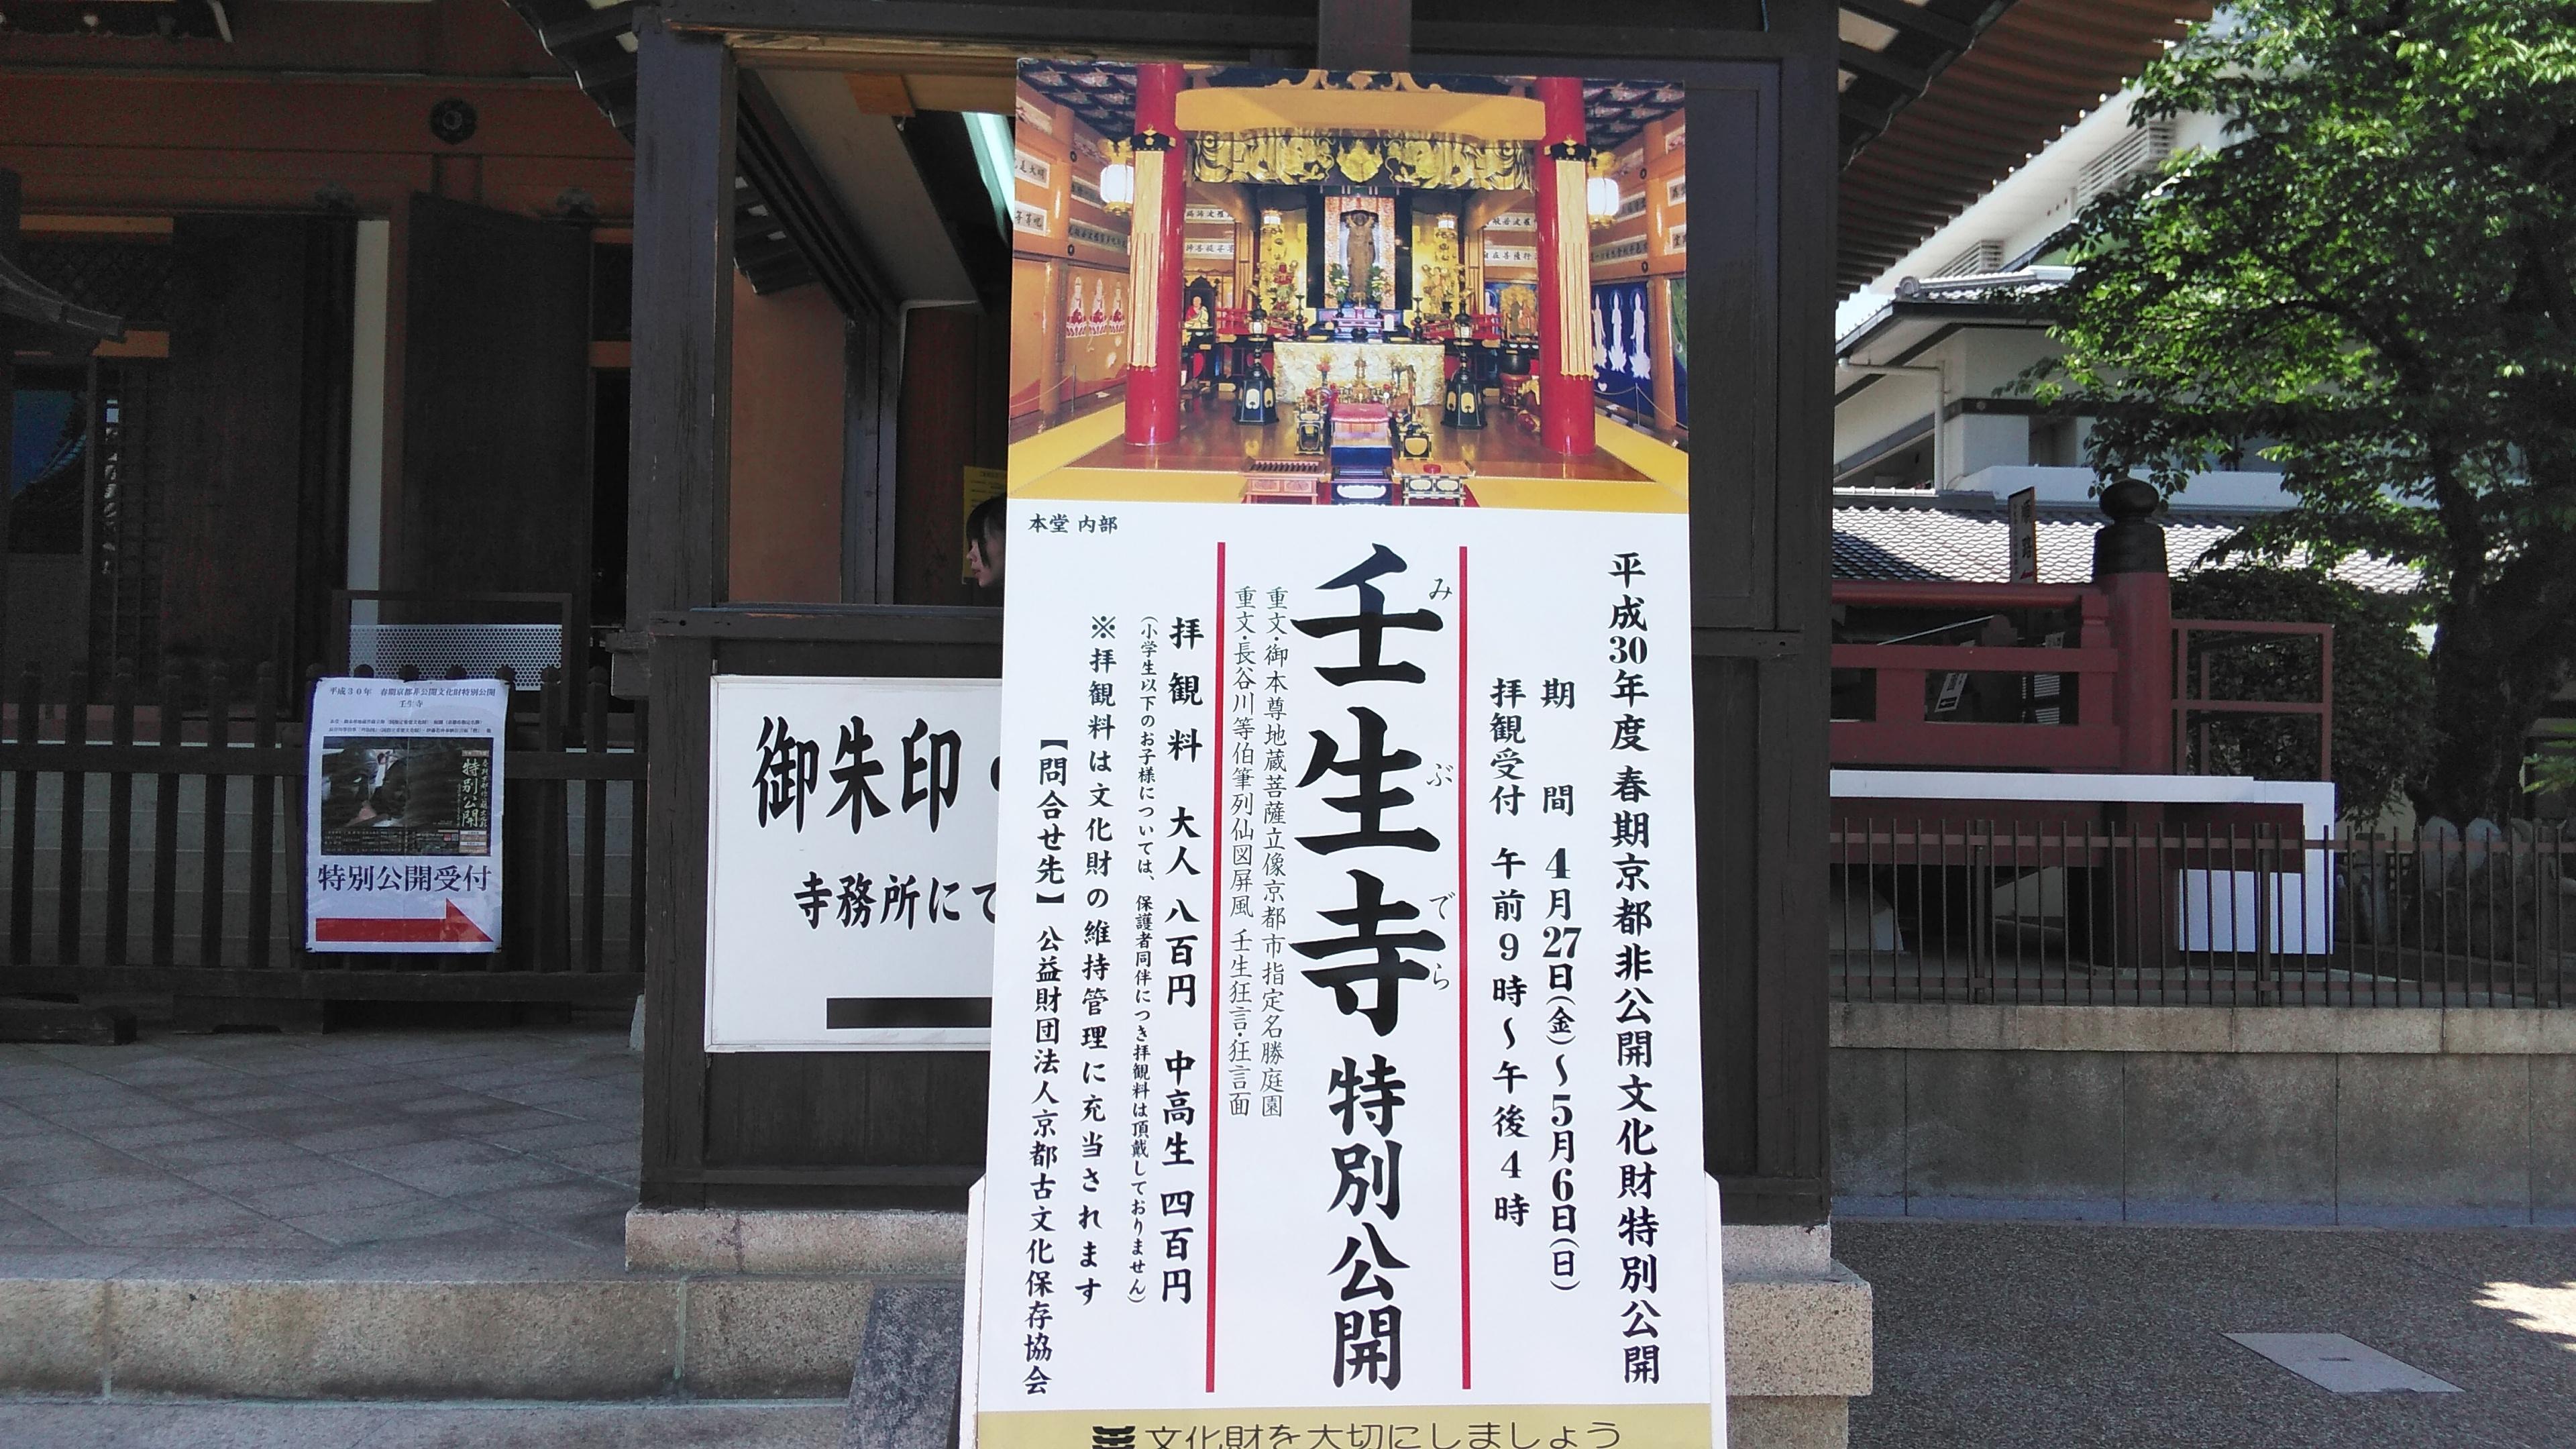 壬生寺の建物その他